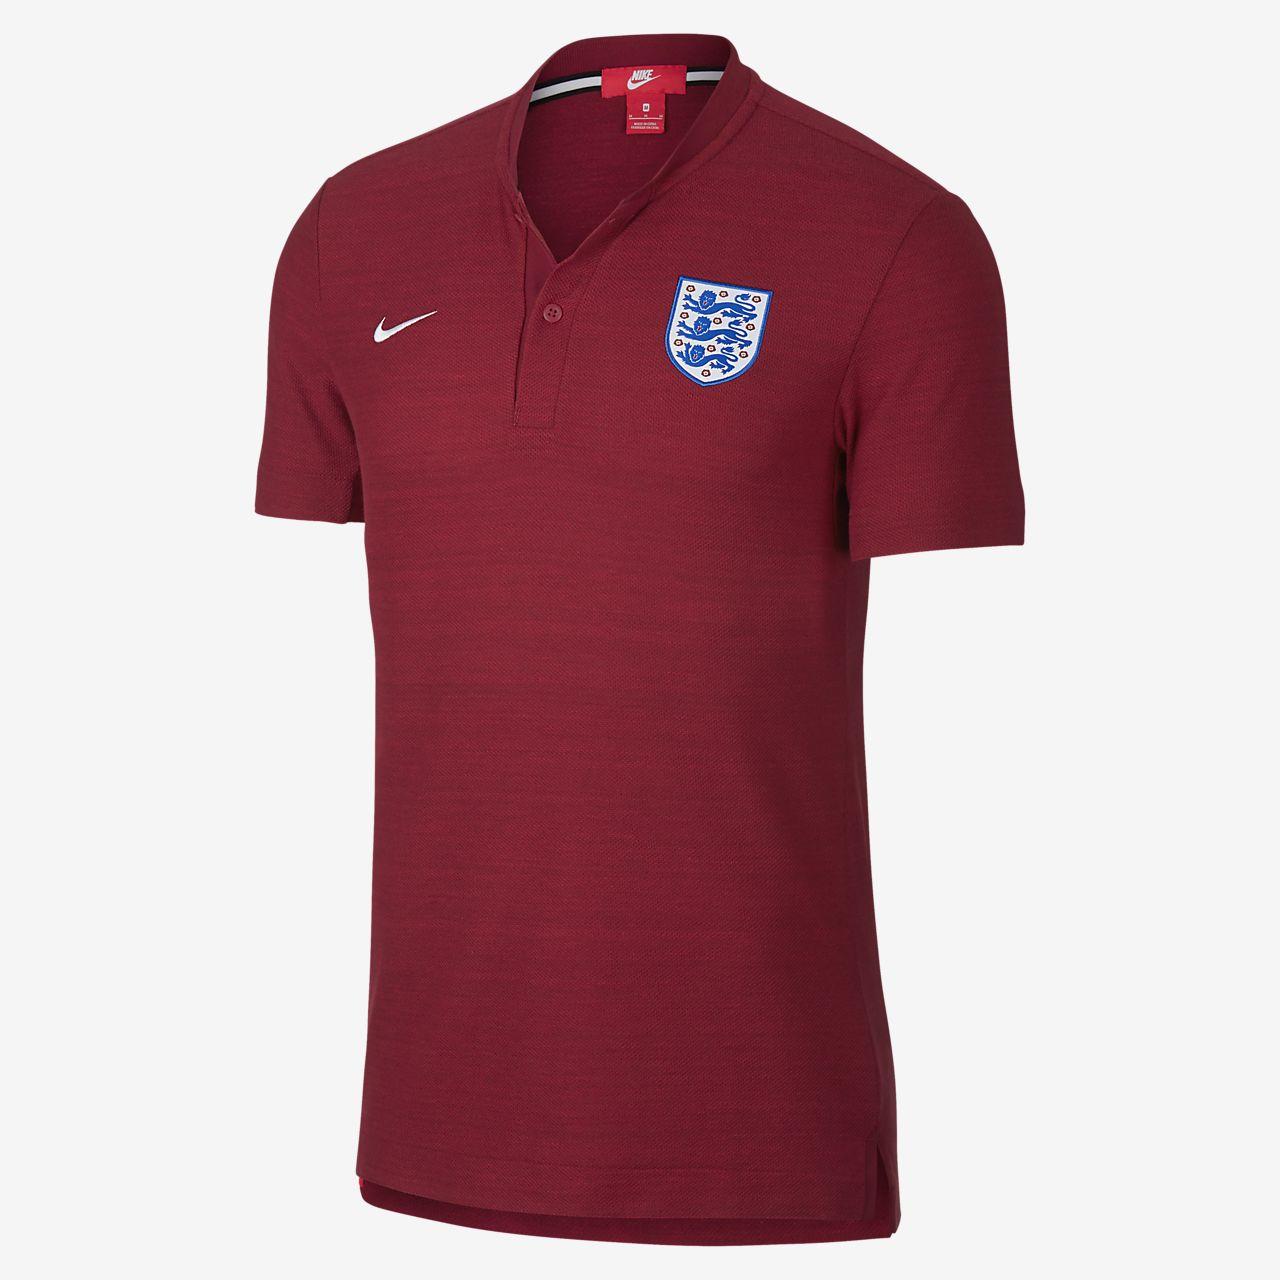 5bdf00a46 England Authentic Grand Slam Men's Polo. Nike.com GB